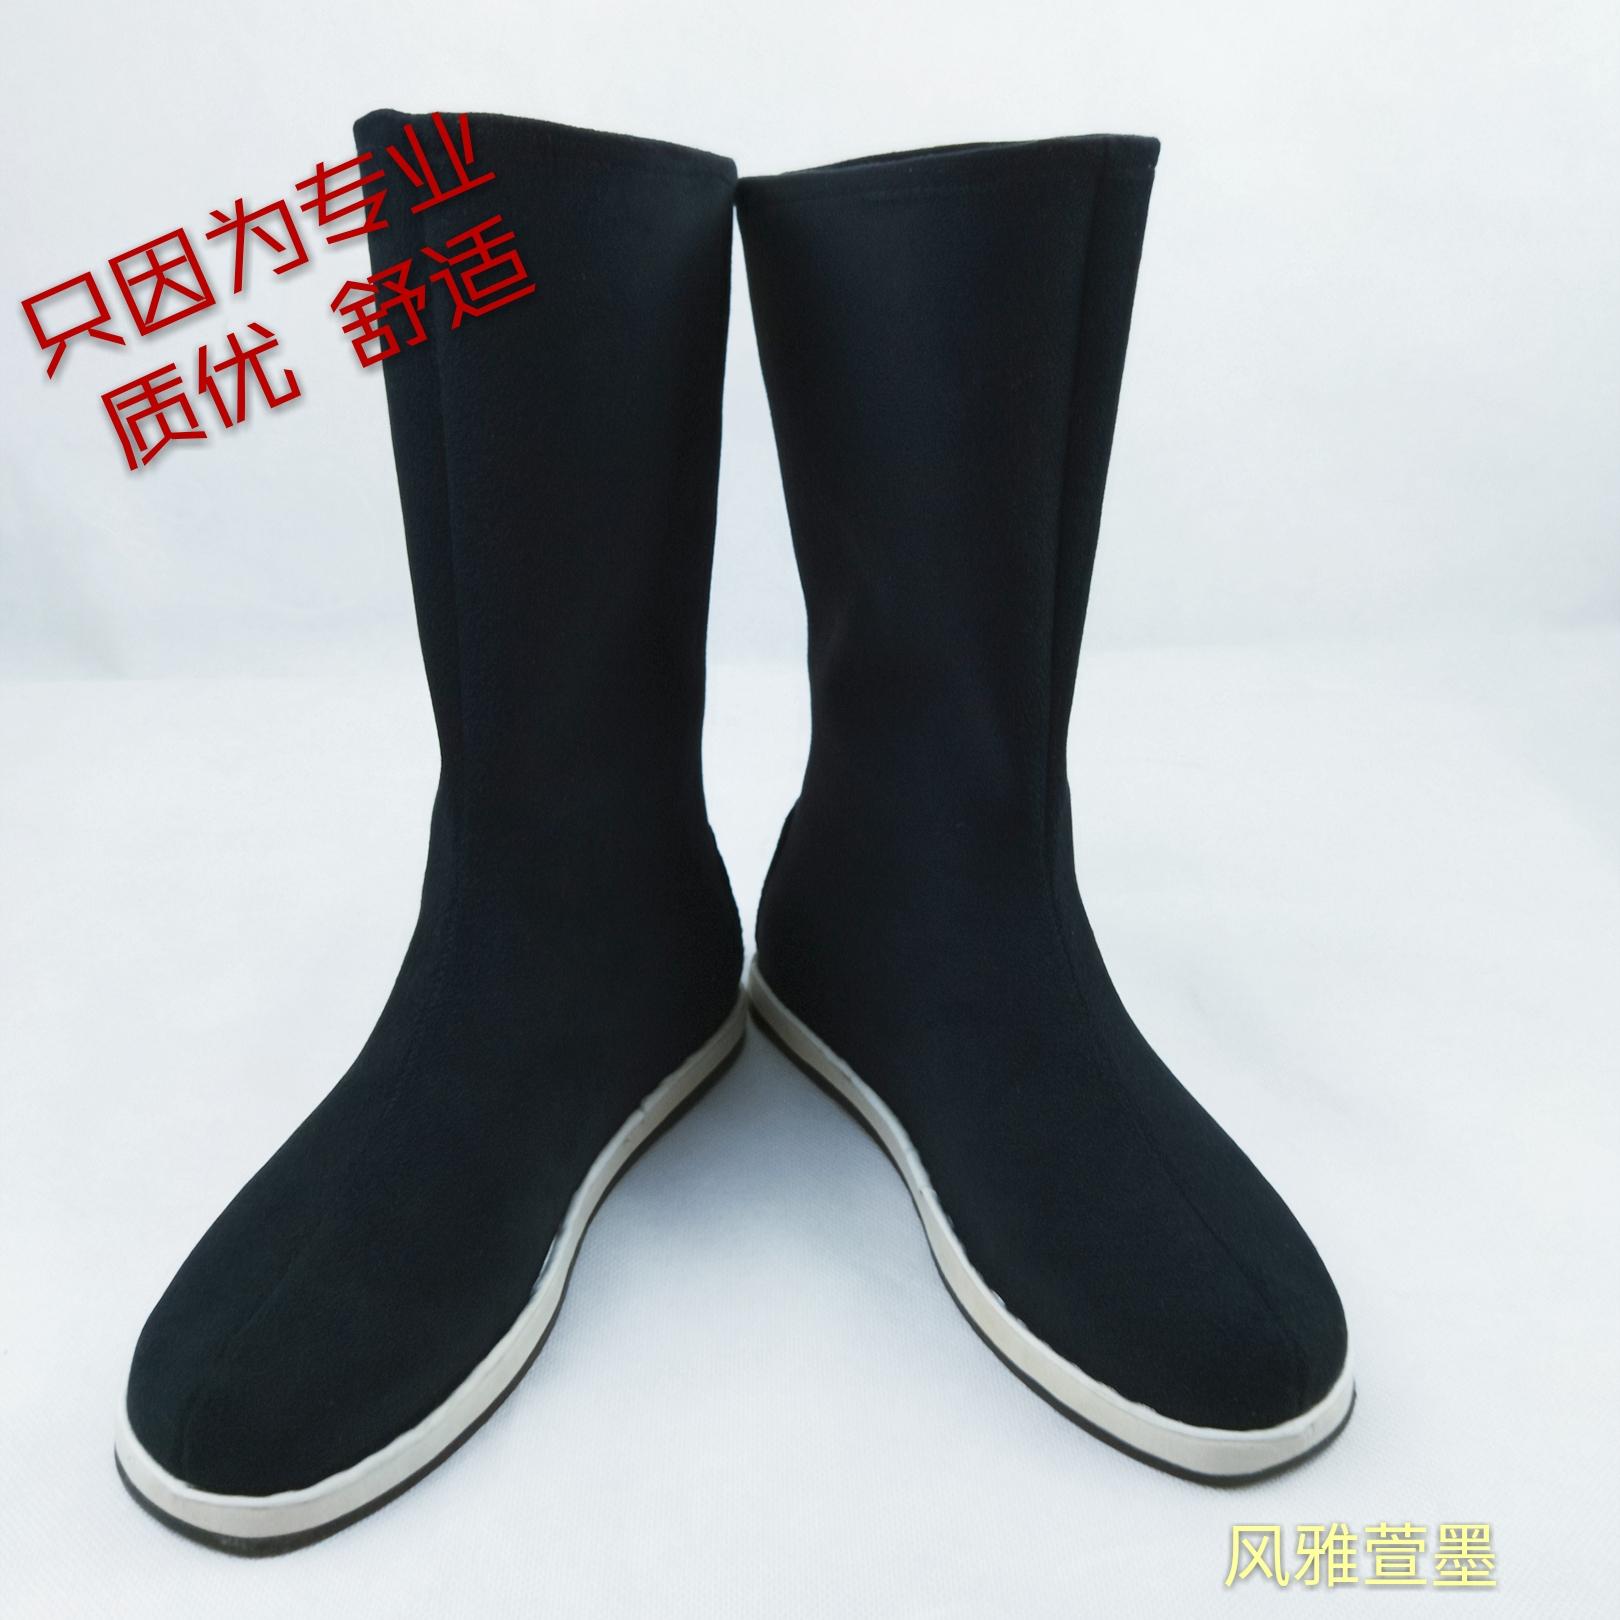 古装古风cos汉服戏曲弓鞋棉cp男女内增高官士兵摄影道具翘头靴子